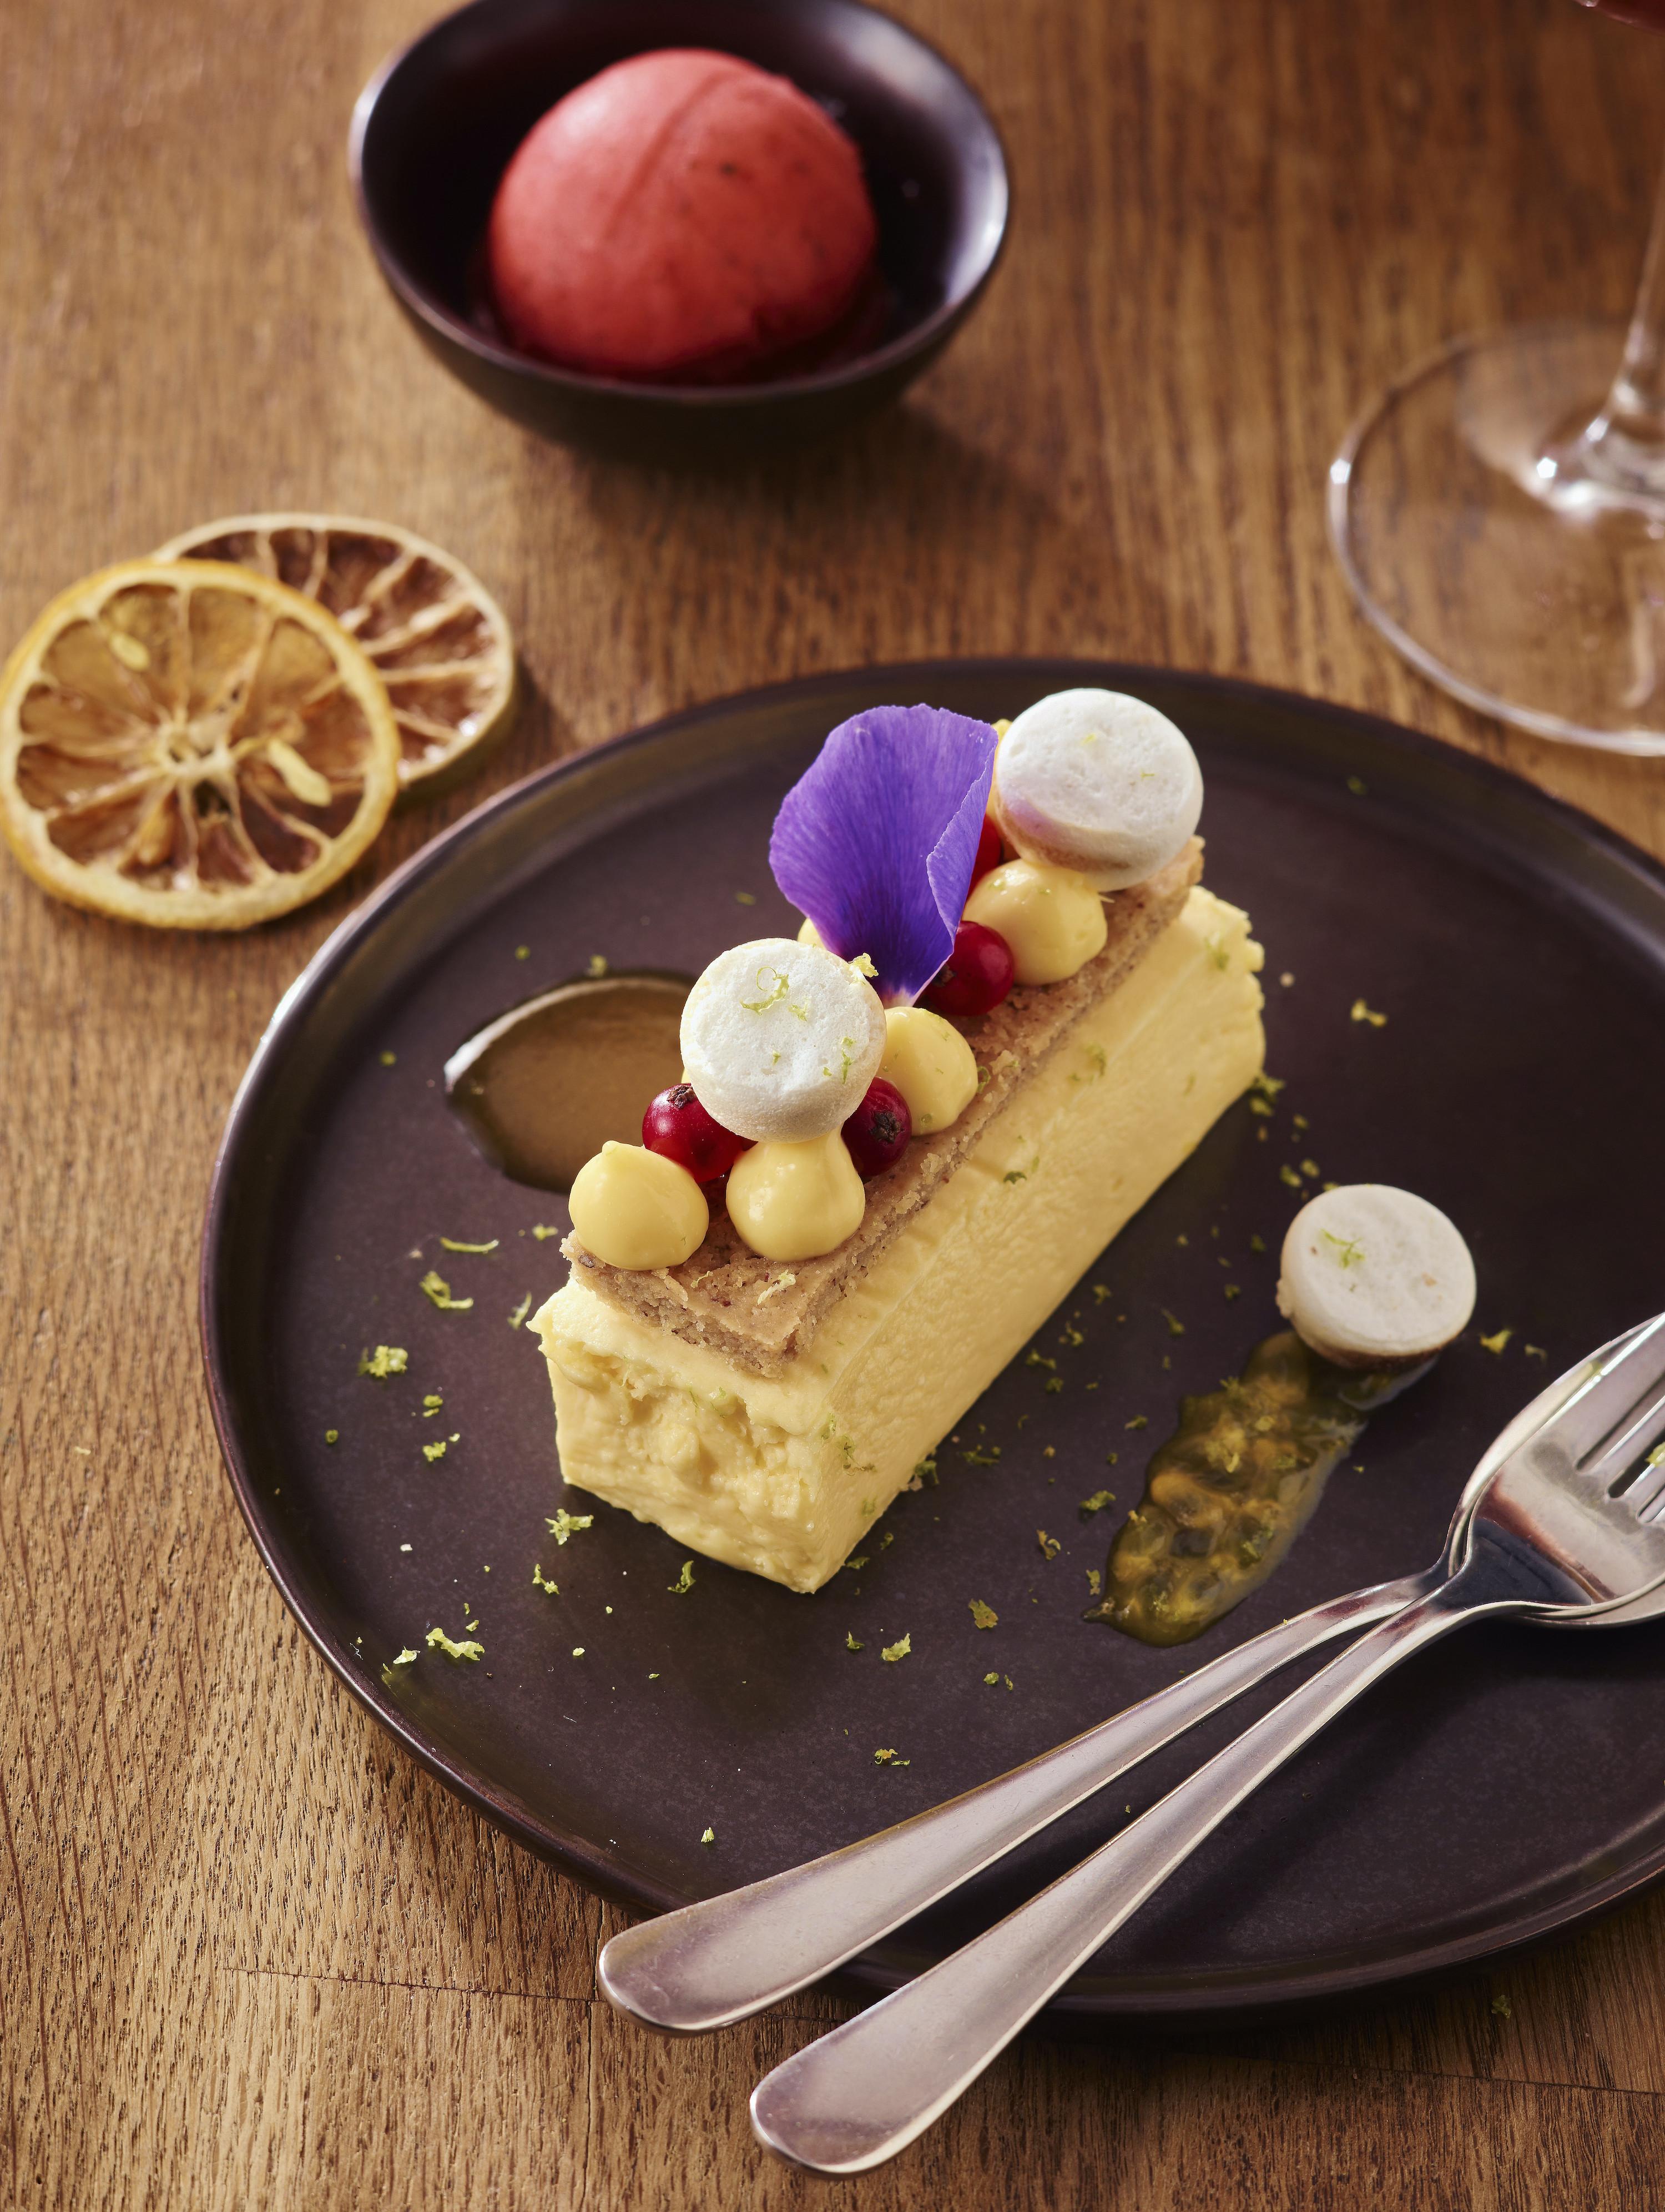 cuisine gastronomique, dessert, parfait au citron